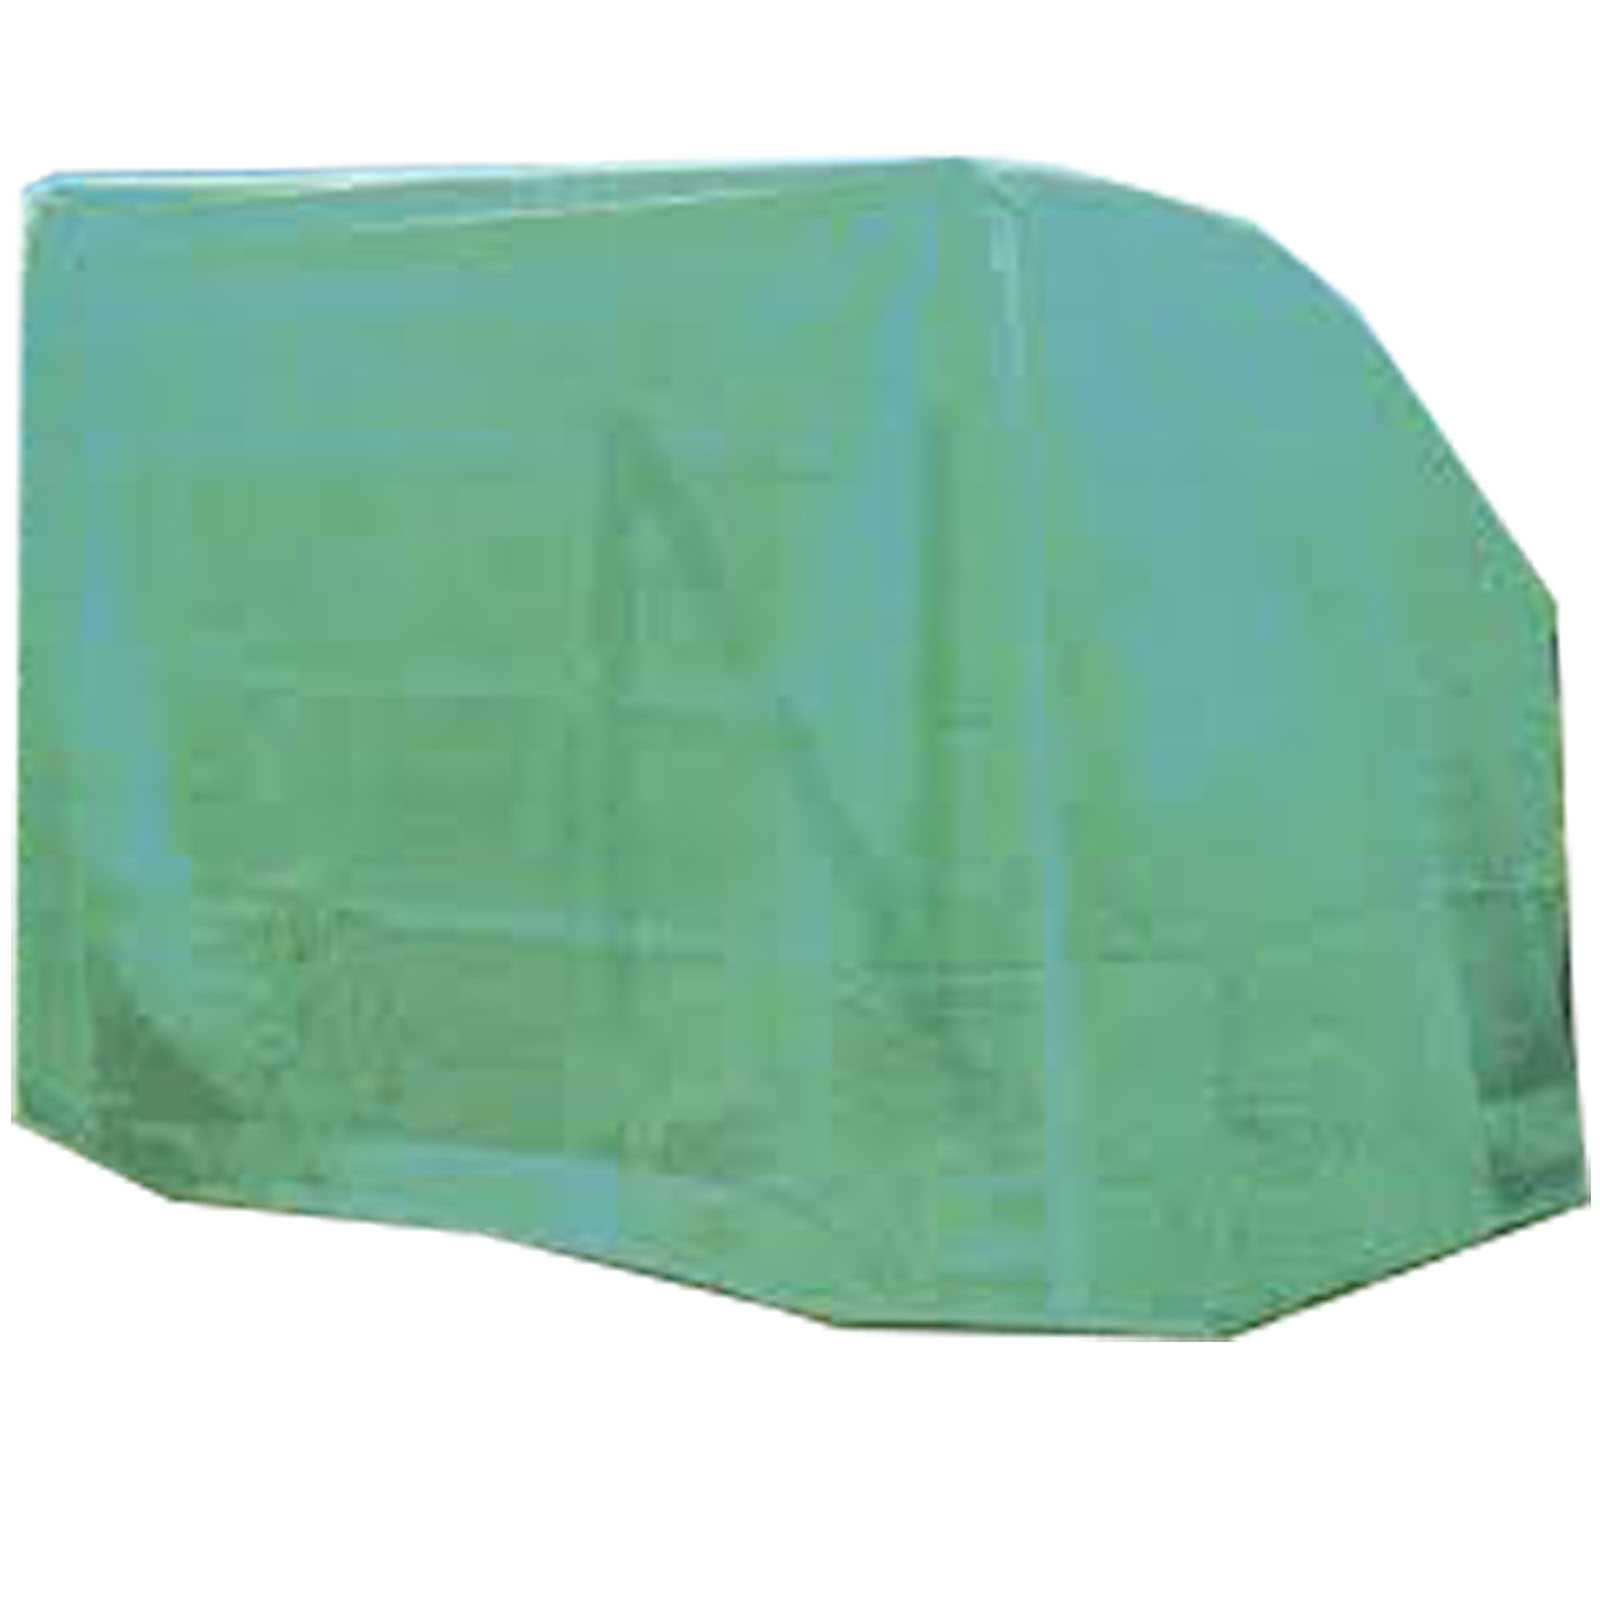 Copertura 215x153x145h per dondoli in poliestere lavabile